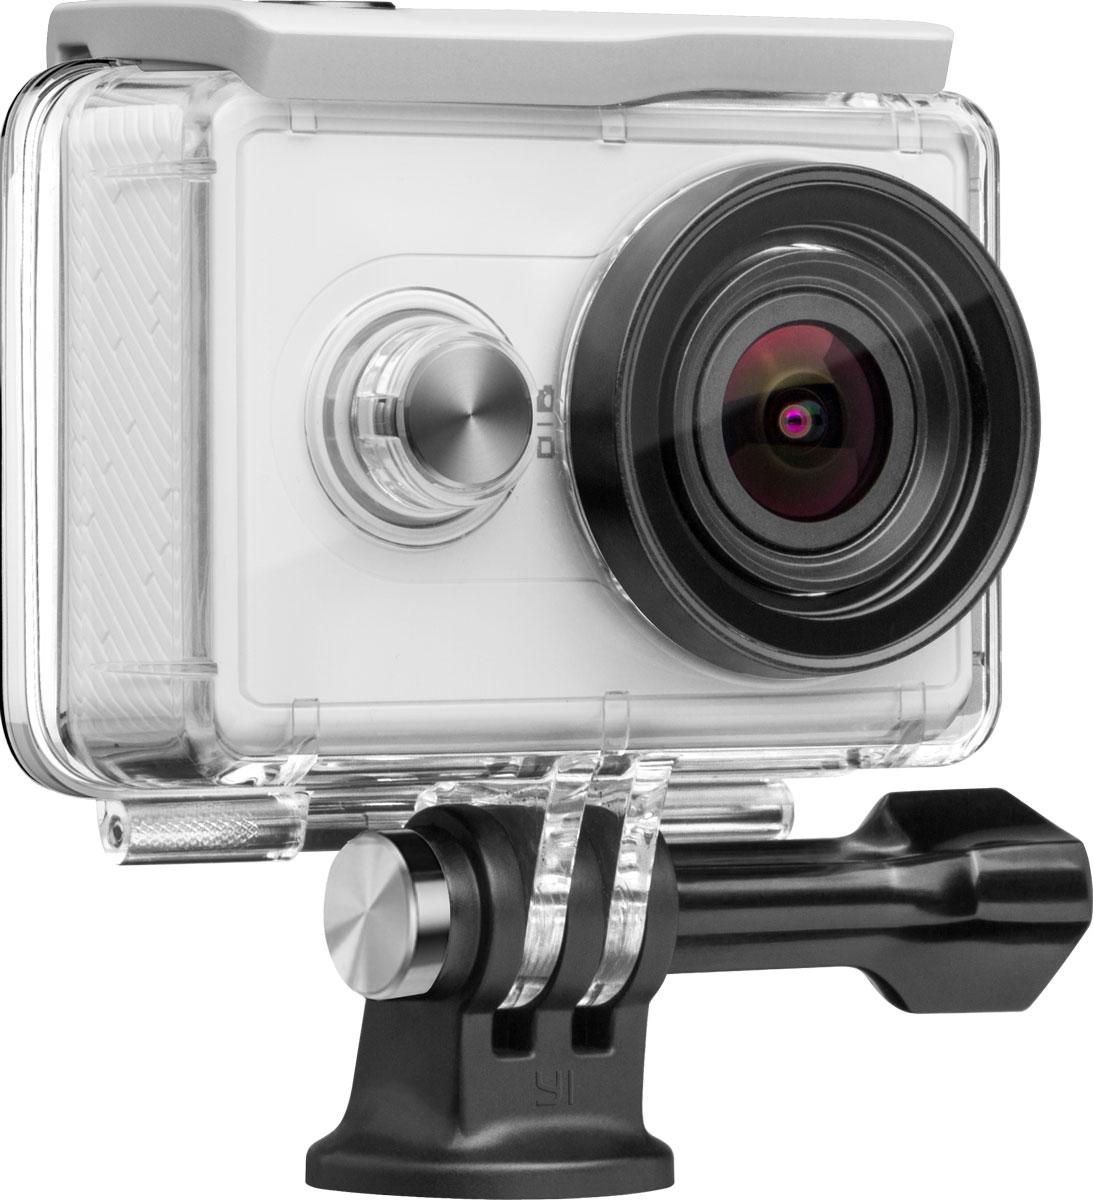 Xiaomi аквабокс для экшн-камеры Yi, White88104Аквабокс Xiaomi позволяет не только использовать камеру при профессиональных погружениях на глубине до40 метров, но и заниматься подводной фотоохотой, делать живые, четкие снимки во время прогулки под дождем,сплава по рекам, а также во время наблюдения за водоплавающими птицами на берегу водоемов (бердинг).Надежные материалы корпуса и линзыБлагодаря использованию стекла Corning Gorilla Glass и специальному двойному оптическому покрытиюсветопроницаемость объектива становится значительно выше, а подводные съемки еще реалистичнее. Дляизготовления линзы аквабокса используется стекло Gorilla Glass от компании Corning и наносится двойноеоптическое покрытие AF/AR, тем самым улучшается светопроницаемость, уменьшается степень загрязнениялинзы отпечатками пальцев, при этом не оказывается отрицательное влияние на качество съемки экш-камерыXiaomi Yi, на ее функции и свойства, предусмотренные производителем. Во время подводной съемки неискажаются цветопередача и естественный свет. Аквабокс обладает высокой износостойкостью, обеспечиваетнадежную защиту объектива камеры.Разработанный специально для экш-камеры Xiaomi Yi данный аквабокс за счет герметичных швов и плотнопримыкающих стыков обладает не только отличной водонепроницаемостью, но и эффективно защищает камеруот попадания мелких частиц пыли. Эффективная сопротивляемость давлению воды, доказанная многочисленными испытаниями. Отверстие длякрепления со стандартной резьбой 1/4, позволяющее присоединять различные дополнительные аксессуарыКорпус аквабокса выполнен из высокопрочного PC пластика (поликарбонат). Благодаря использованиюспециальных разработок и технологий изготовления обеспечивается легкость и долговечность материала.Данный аквабокс может без ущерба выдерживать давление воды на глубине 40 метров и низкие температуры (-30°С). Благодаря своим пылезащитным, износостойким, противоударным свойствам подходит как длялюбительской фото-видеосъемки, так и для профессиональных погруже